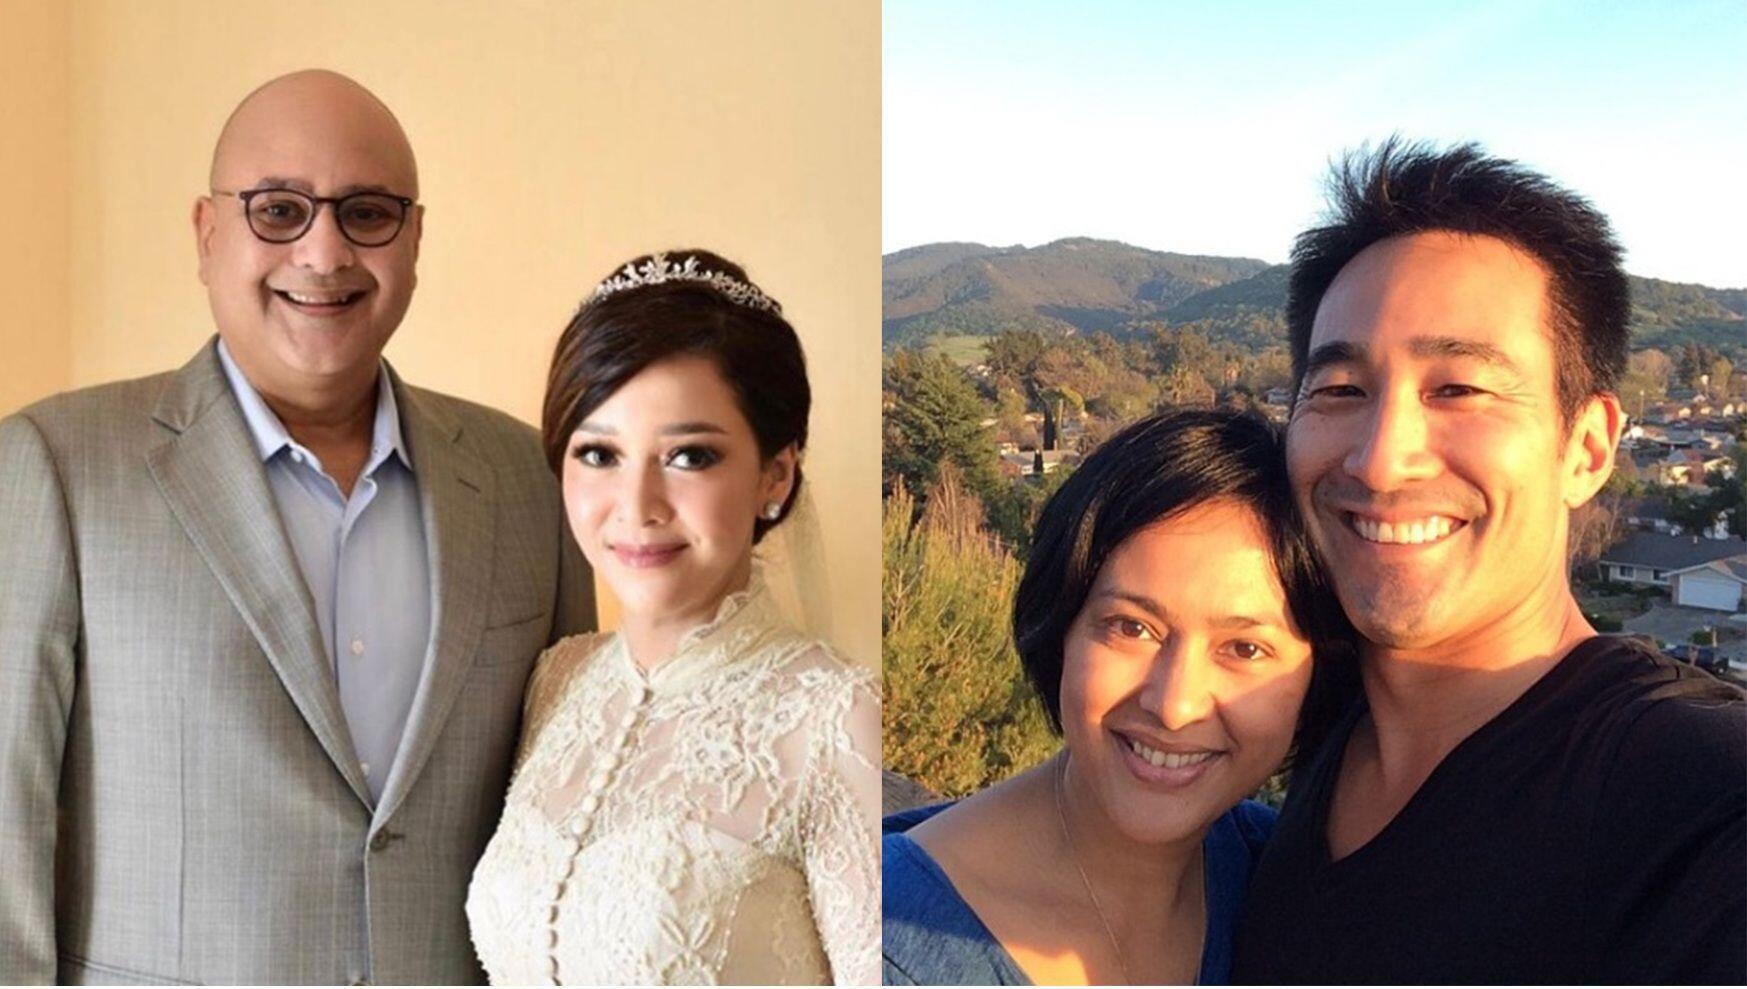 Pernah Gagal, 8 Seleb Cantik ini Bahagia dengan Pernikahannya Sekarang